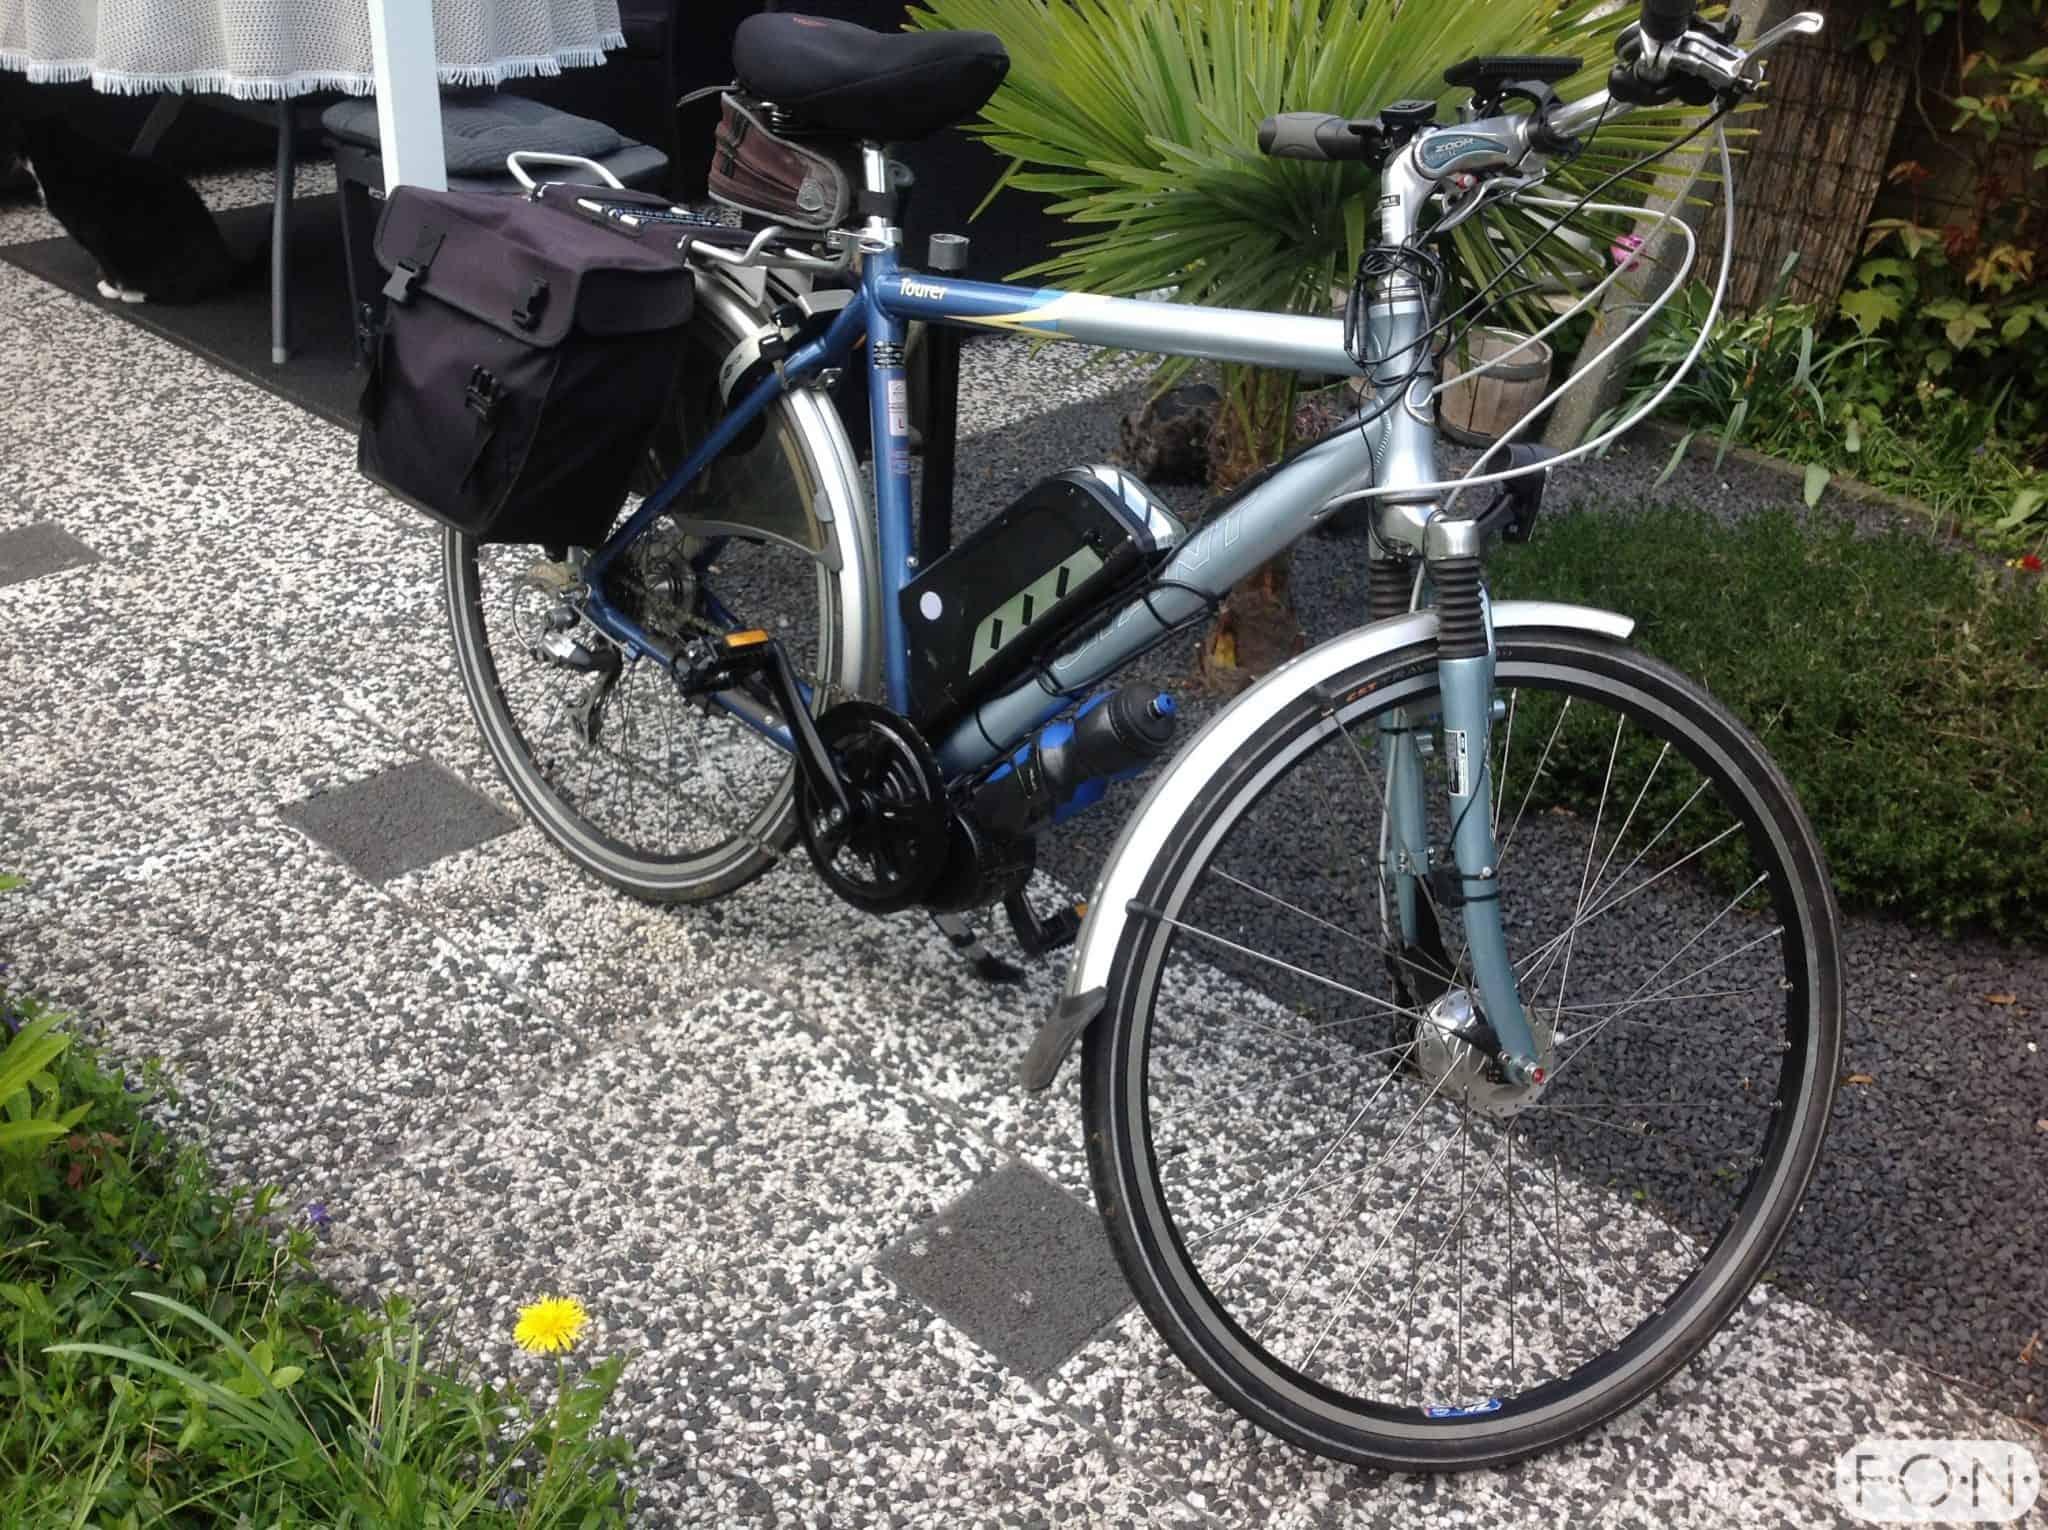 Giant Tourer Bafang Middenmotor FONebike Arnhem 0209